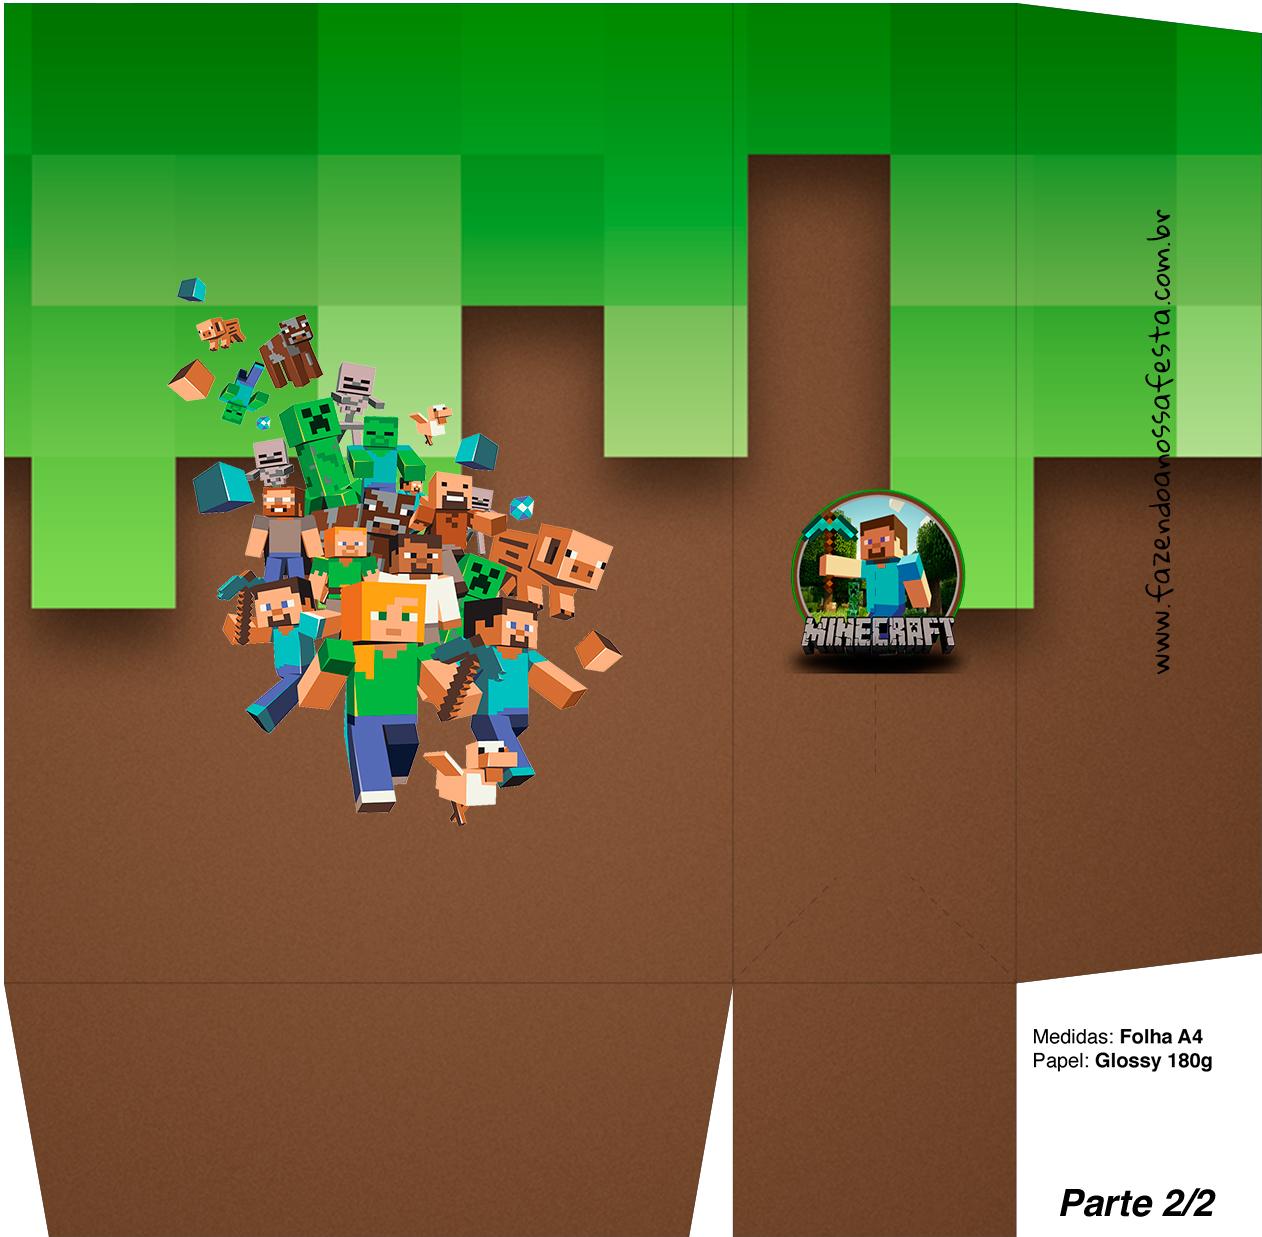 Sacolinha Surpresa Minecraft 2 - A4 Parte 2